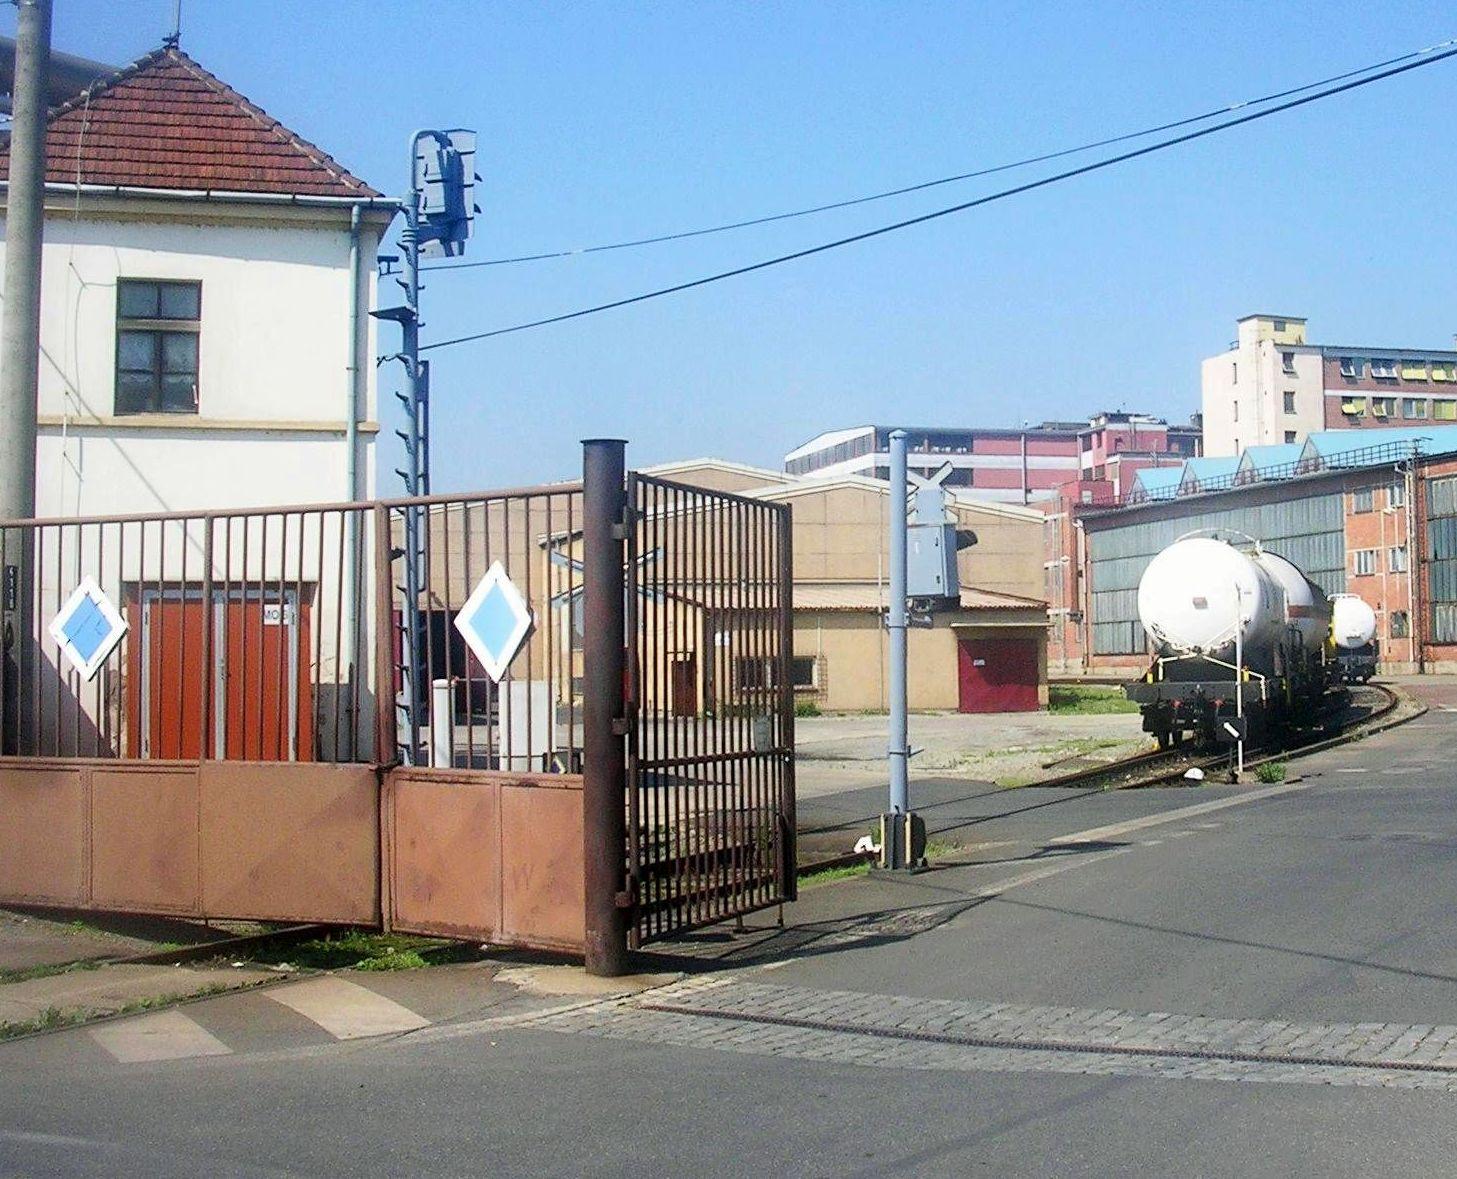 Vlečka, ilustrační foto. Autor: cs:ŠJů – Fotografie je vlastním dílem, CC BY-SA 3.0, https://commons.wikimedia.org/w/index.php?curid=3861744